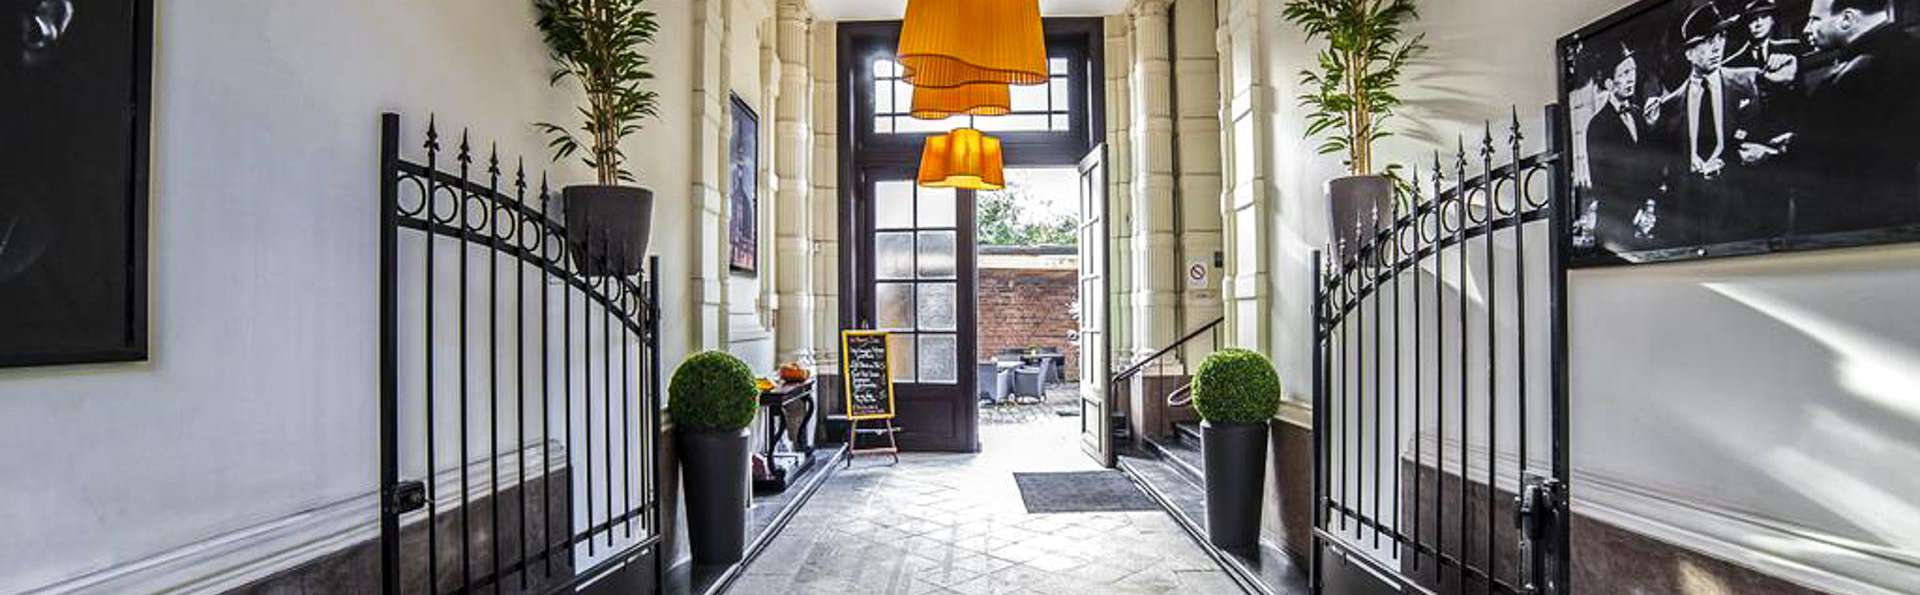 Best Western Urban Hotel & Spa - EDIT_N2_HALL_01.jpg